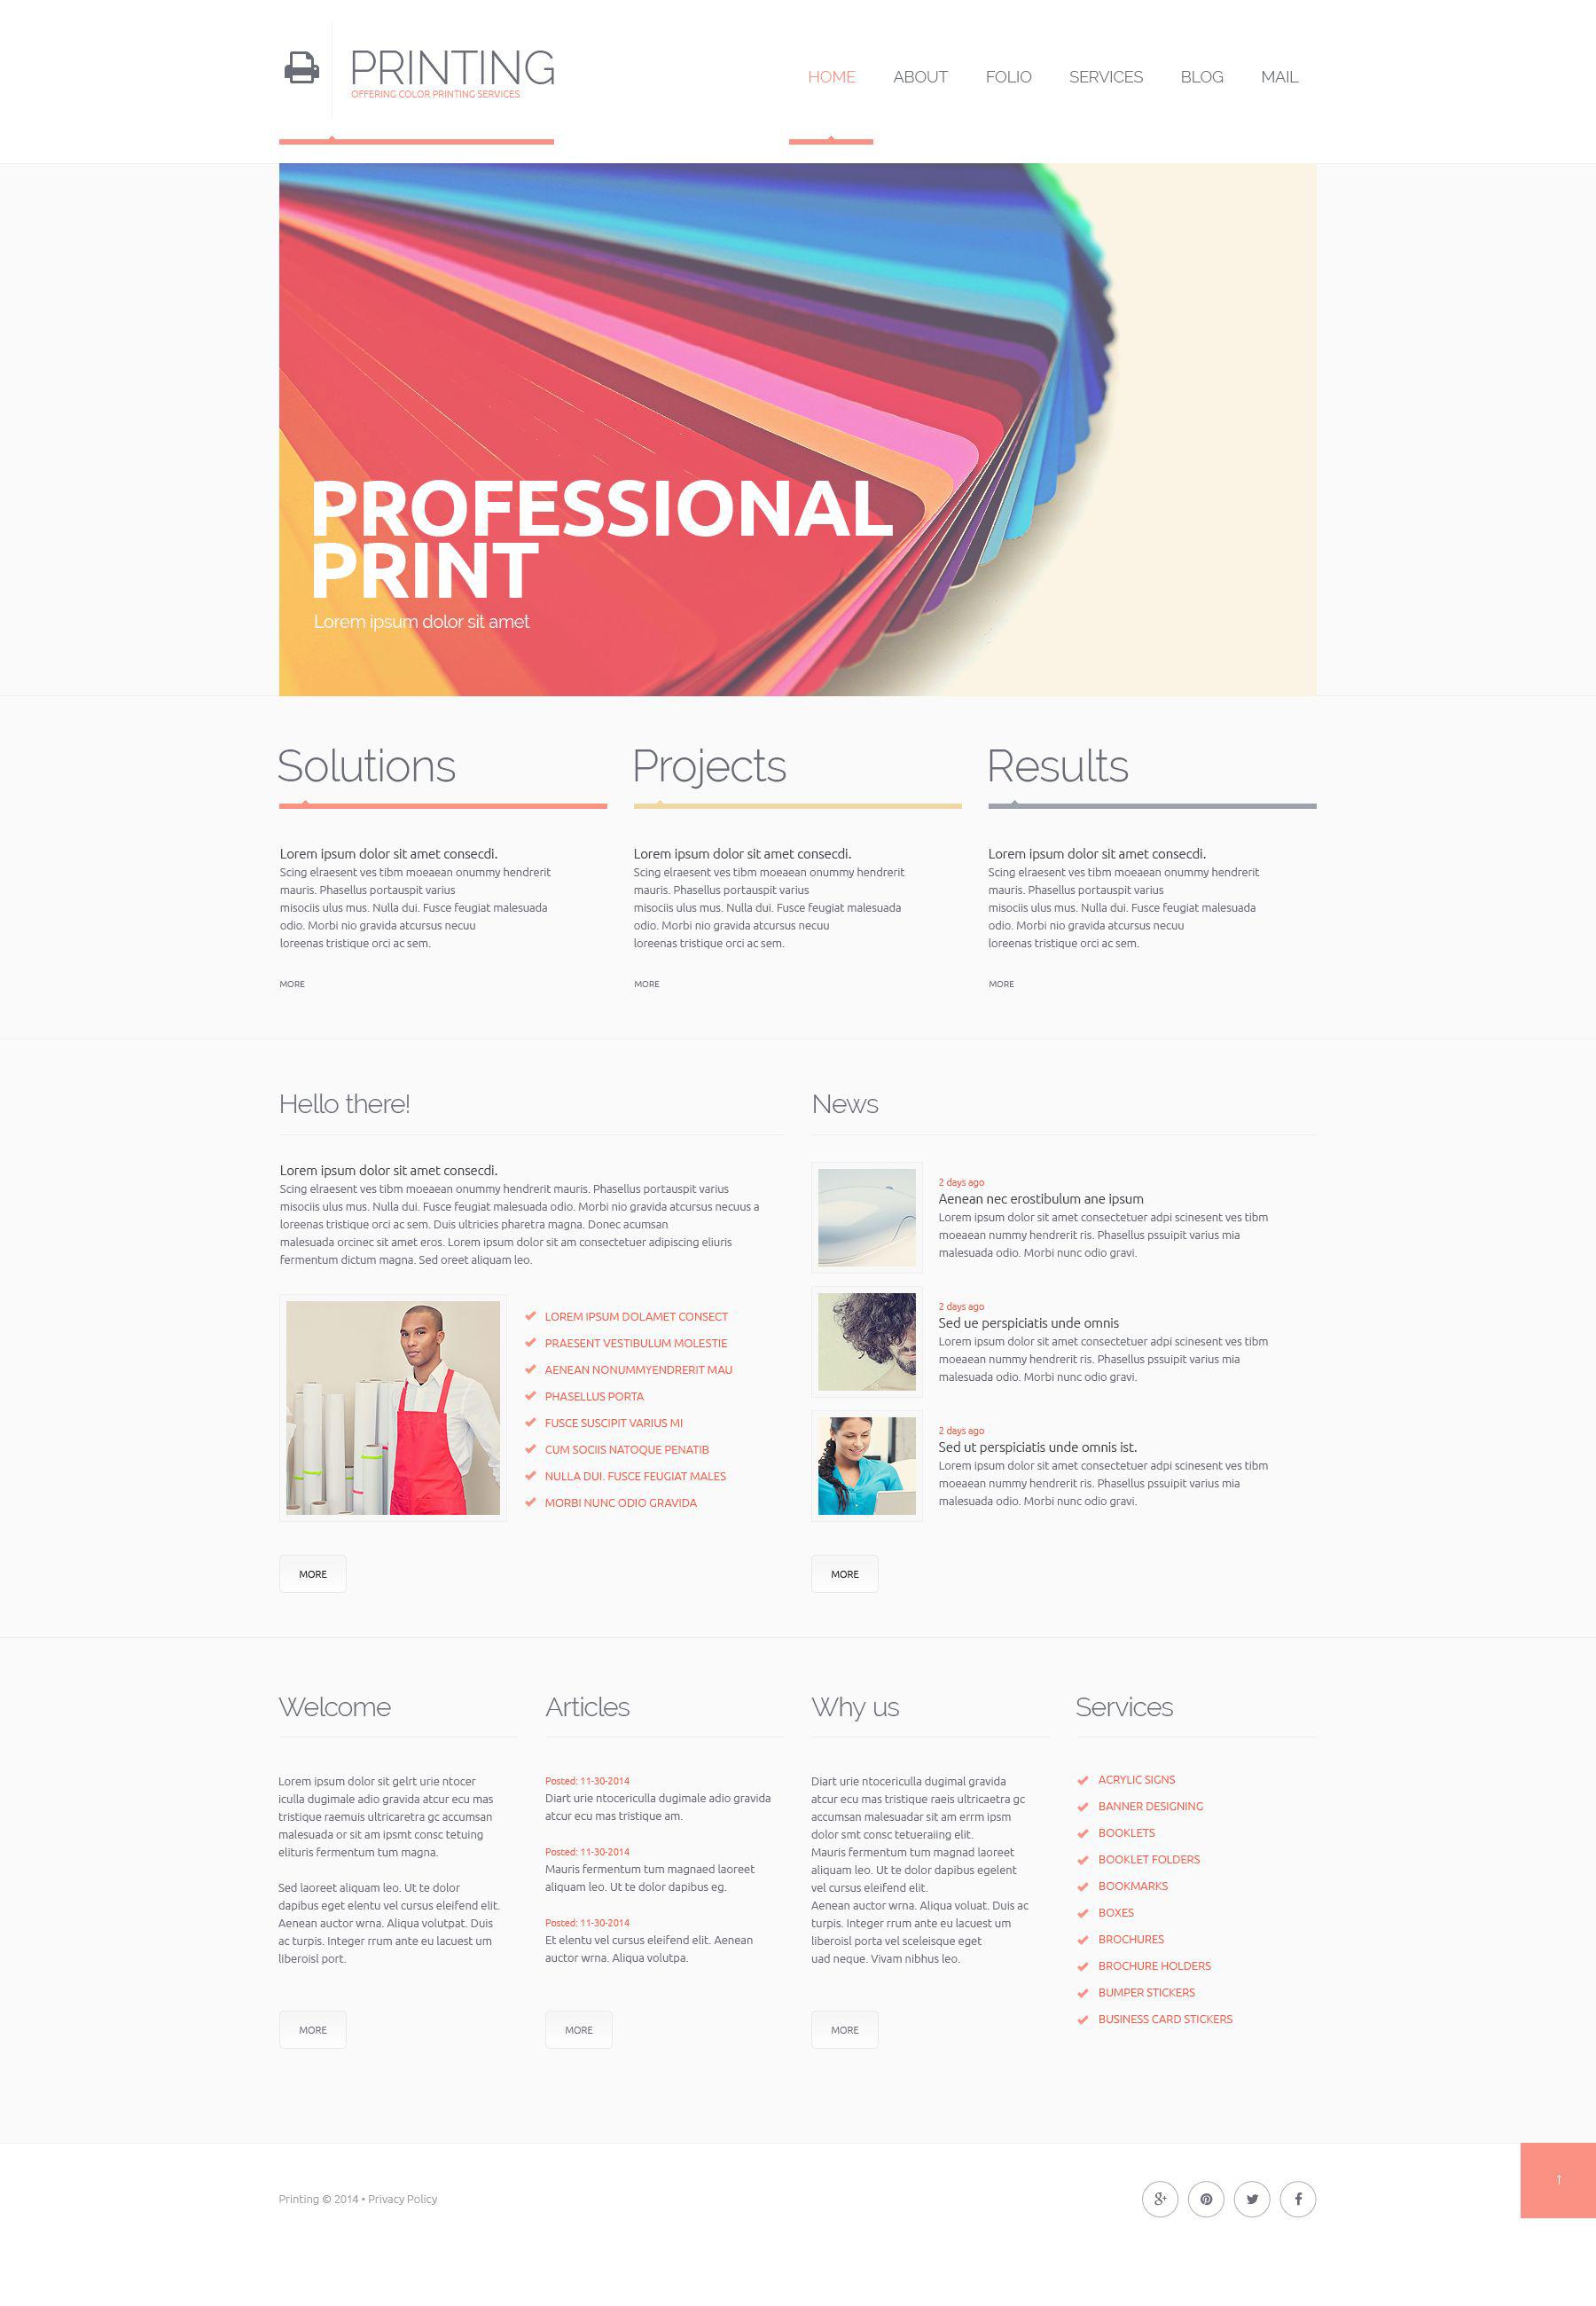 Plantilla Web Responsive para Sitio de Tienda de Impresión #51368 - captura de pantalla